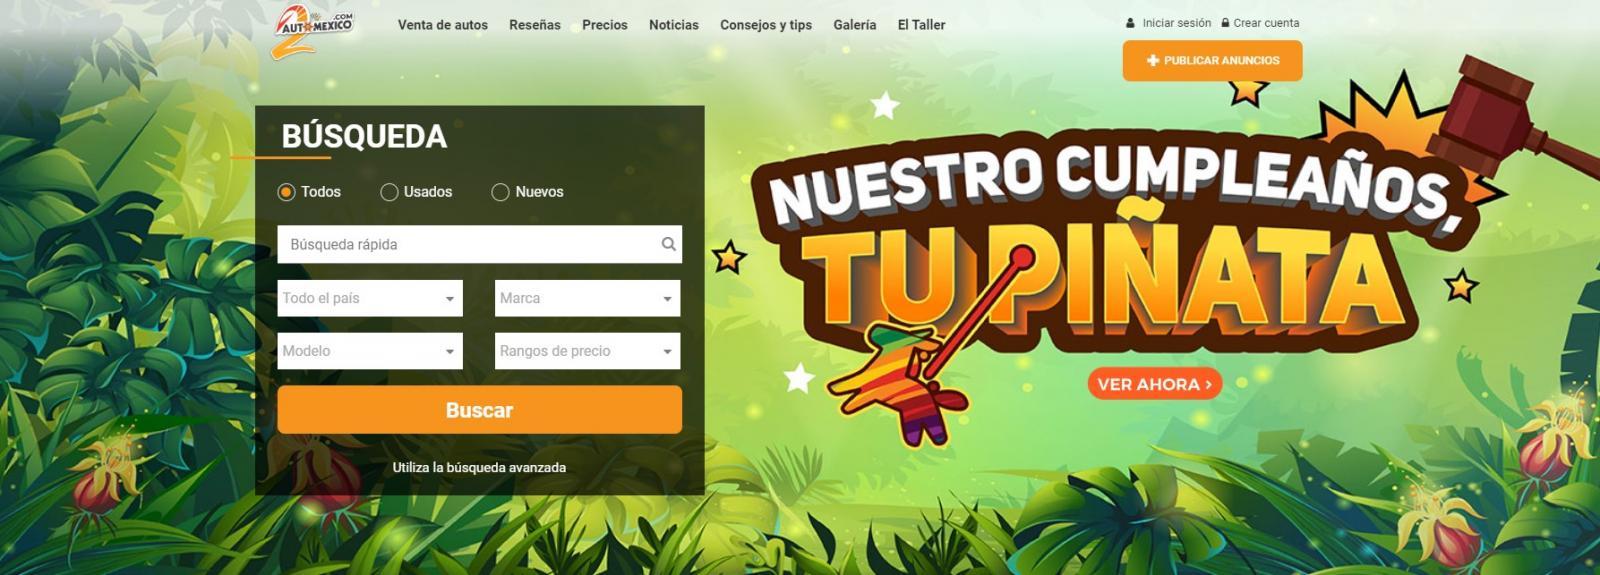 Automexico.com juego en linea pinata